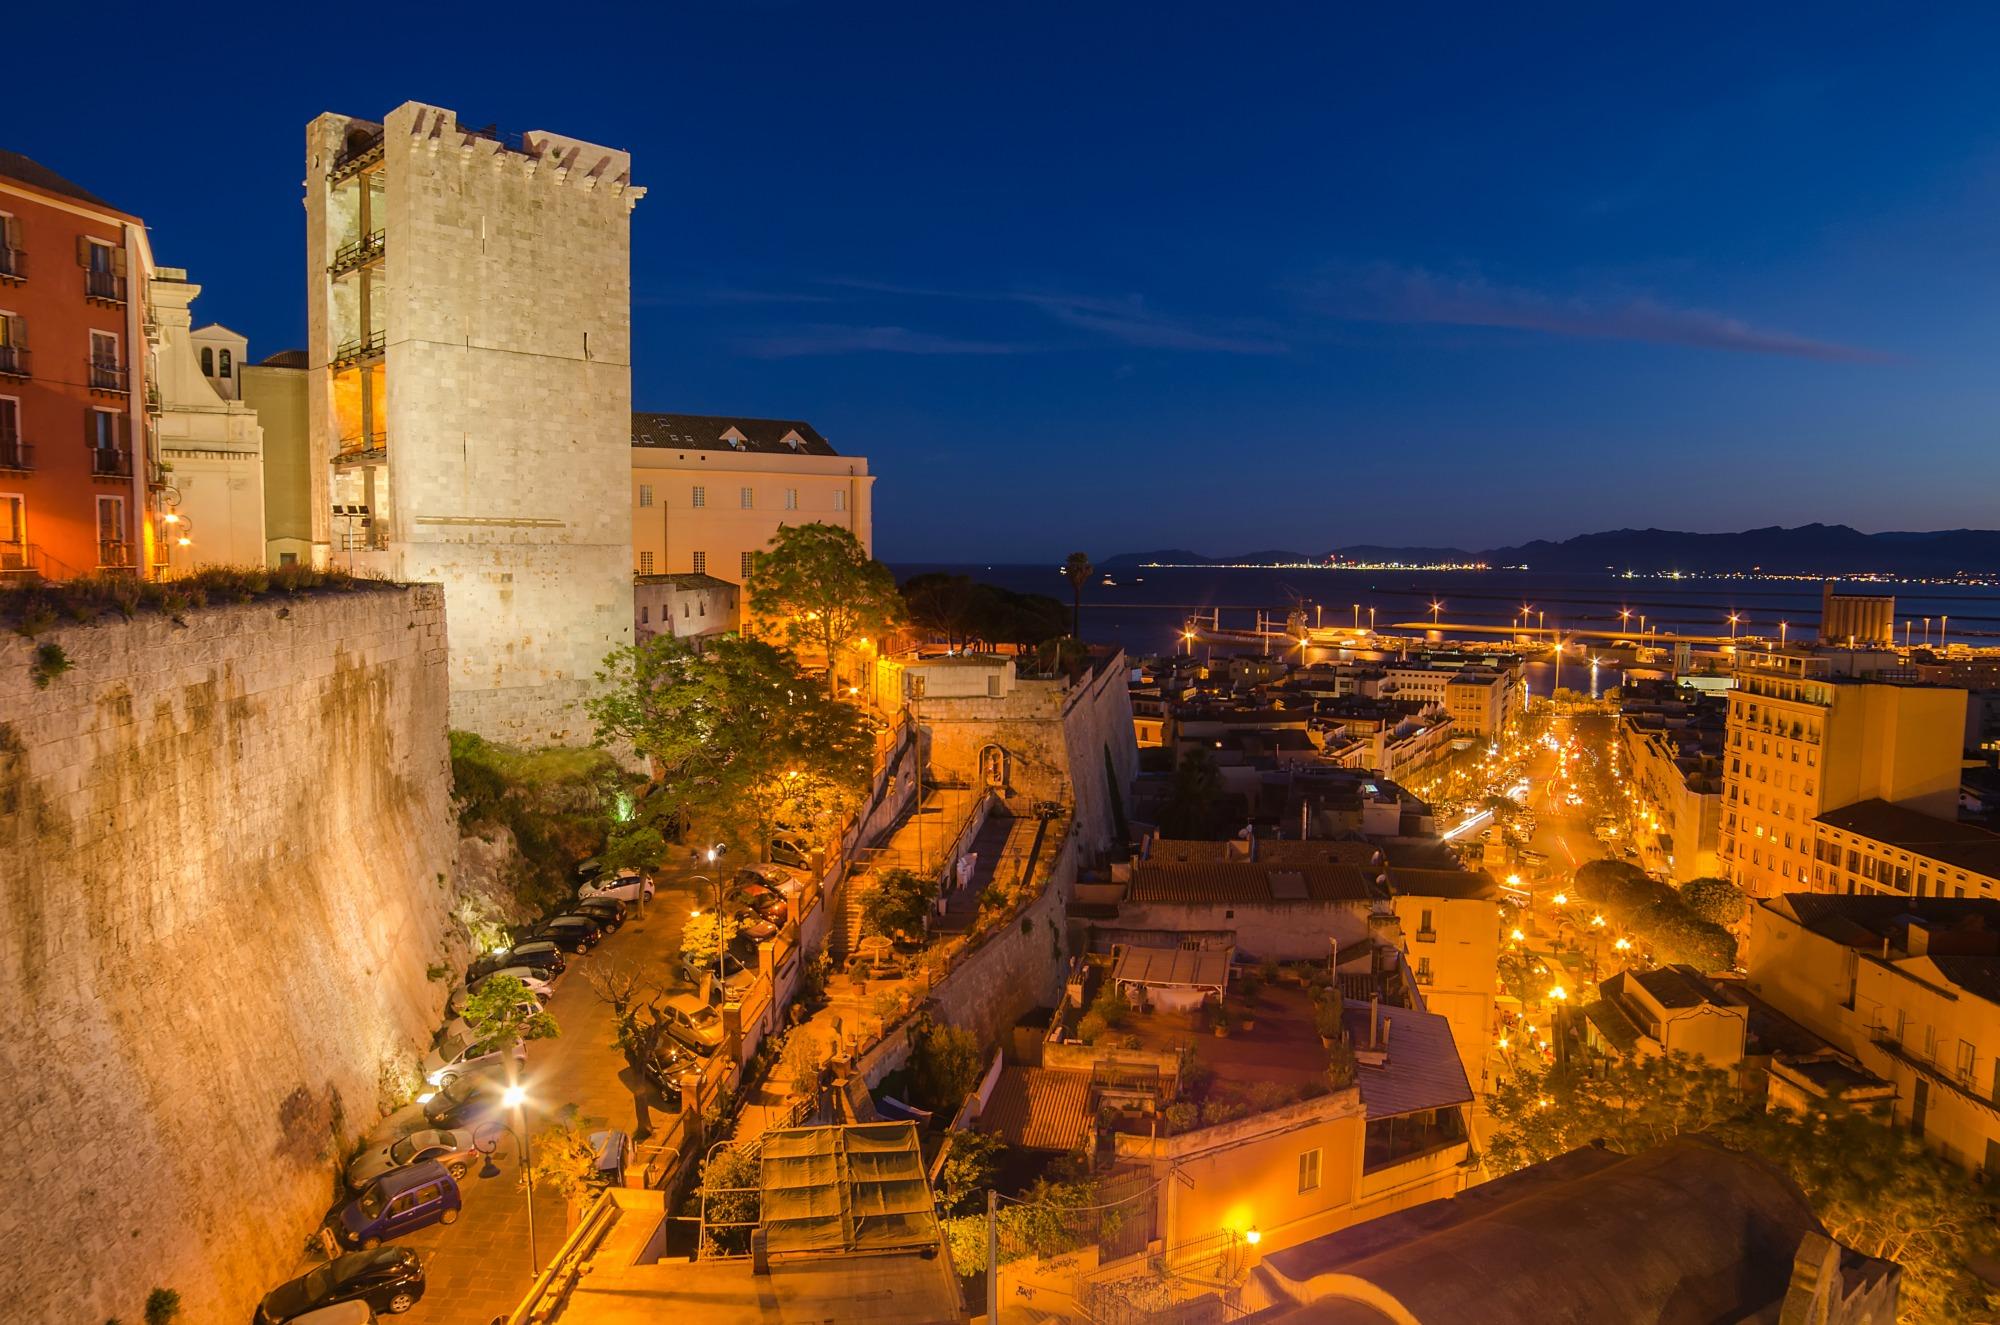 cagliari bastione di santa croce italy - photo#6